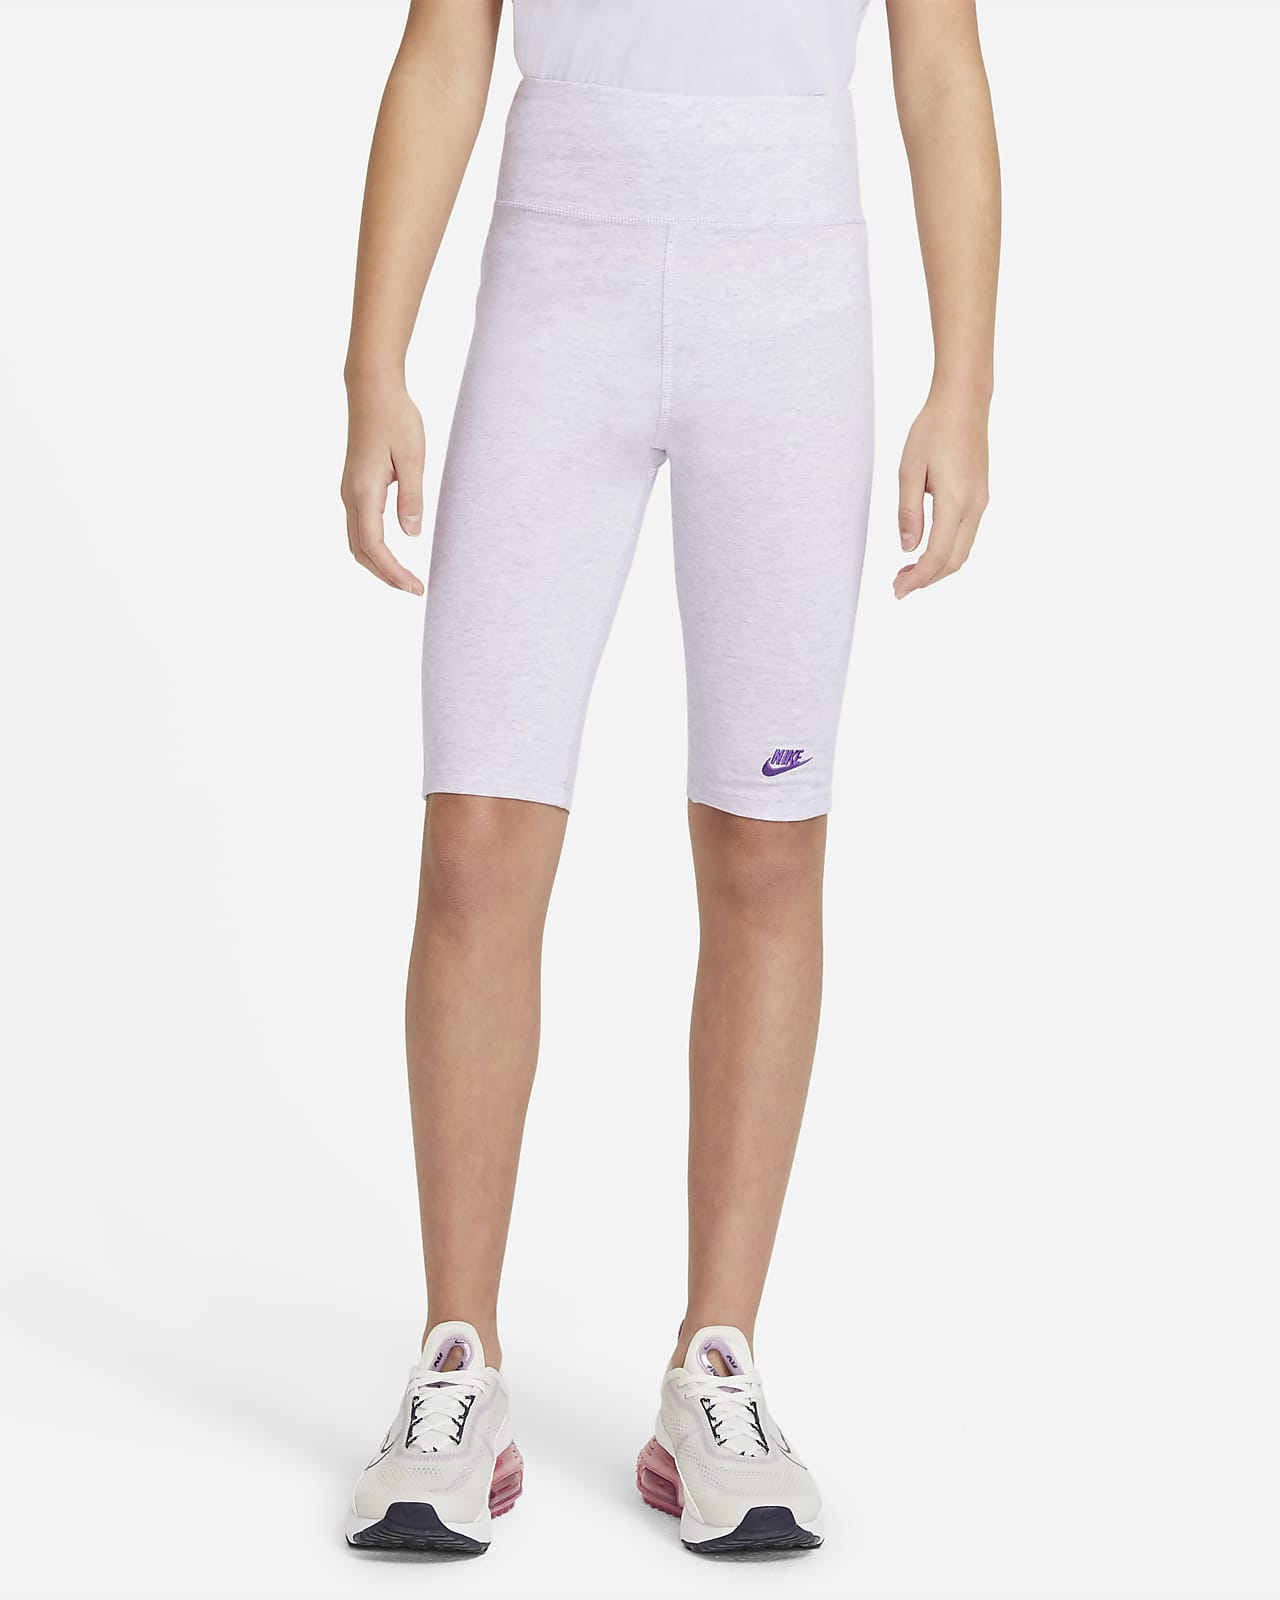 Nike Sportswear magas derekú 23 cm-es kerékpáros rövidnadrág nagyobb gyerekeknek (lányoknak)